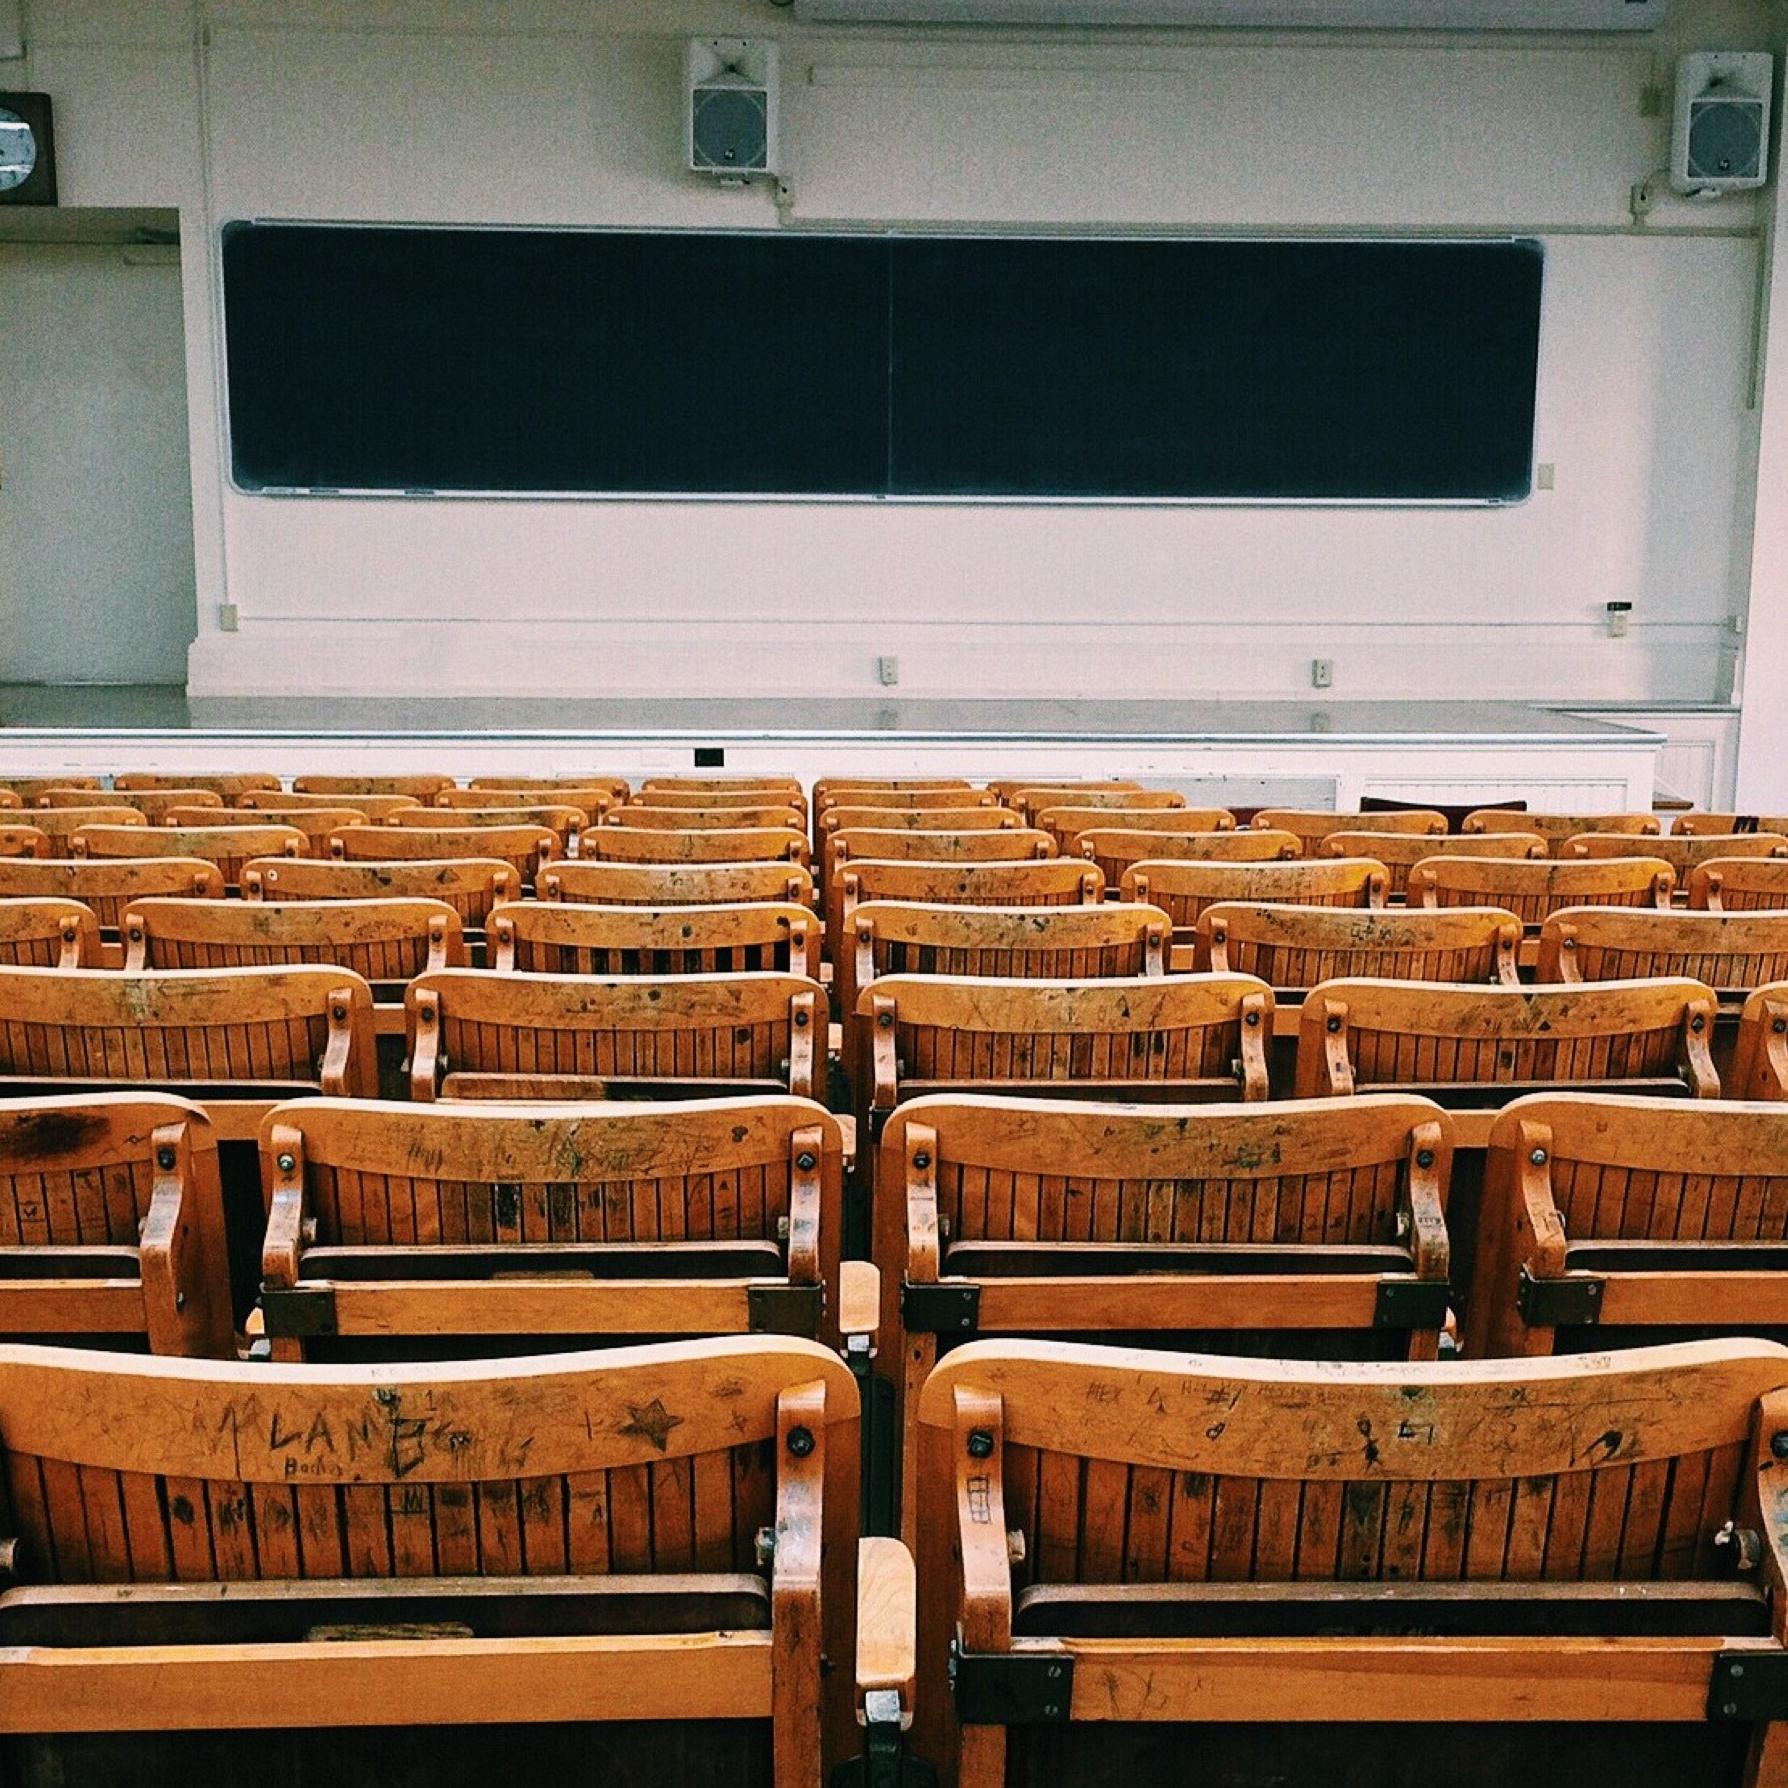 「全国学力テスト」が教員を評価するツールにされていいのか